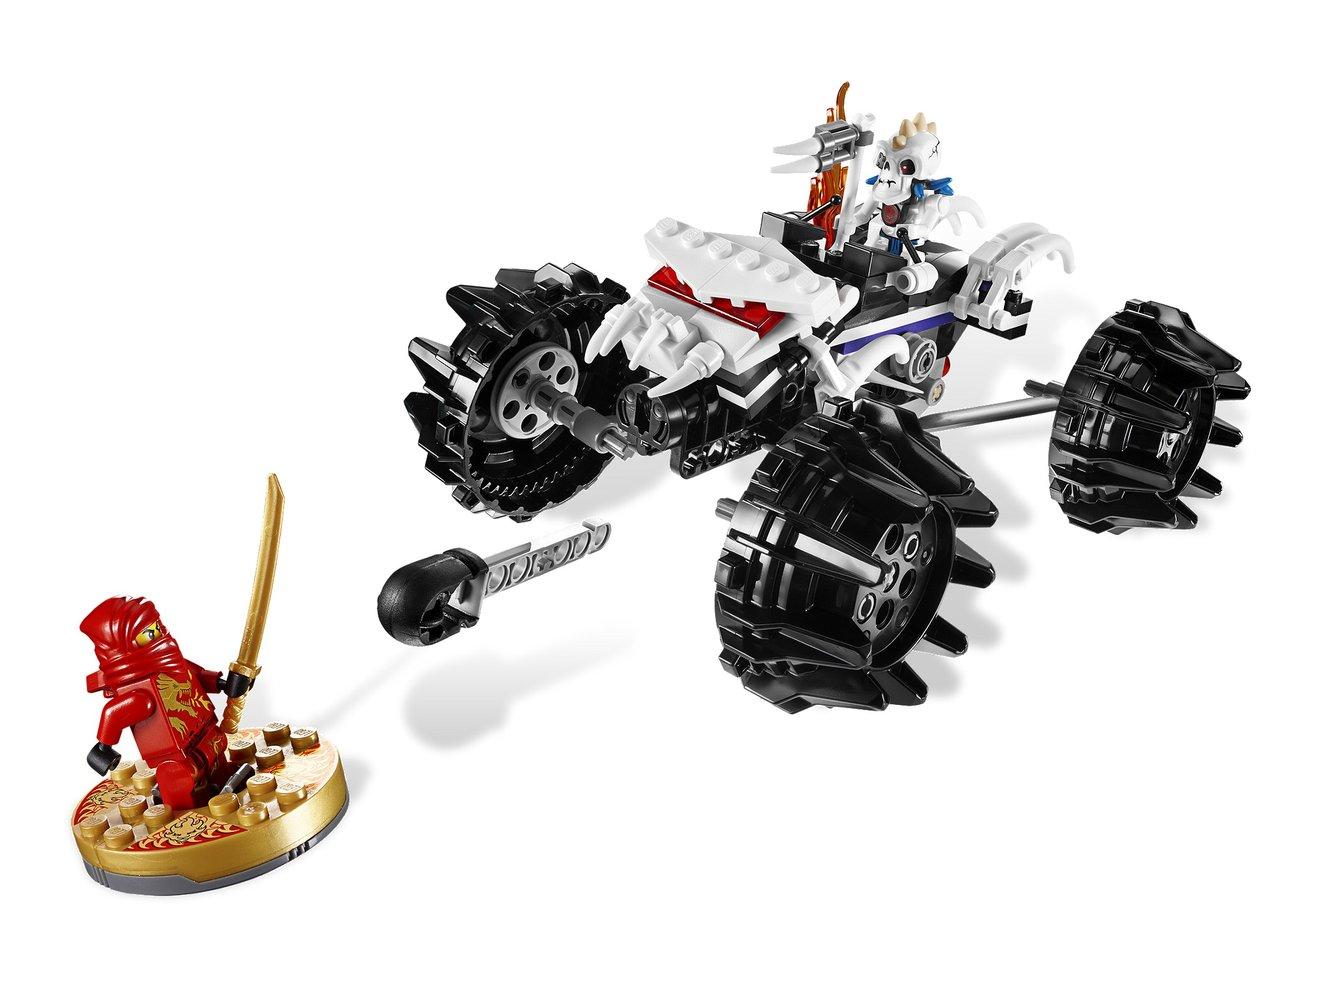 Nuckal's ATV